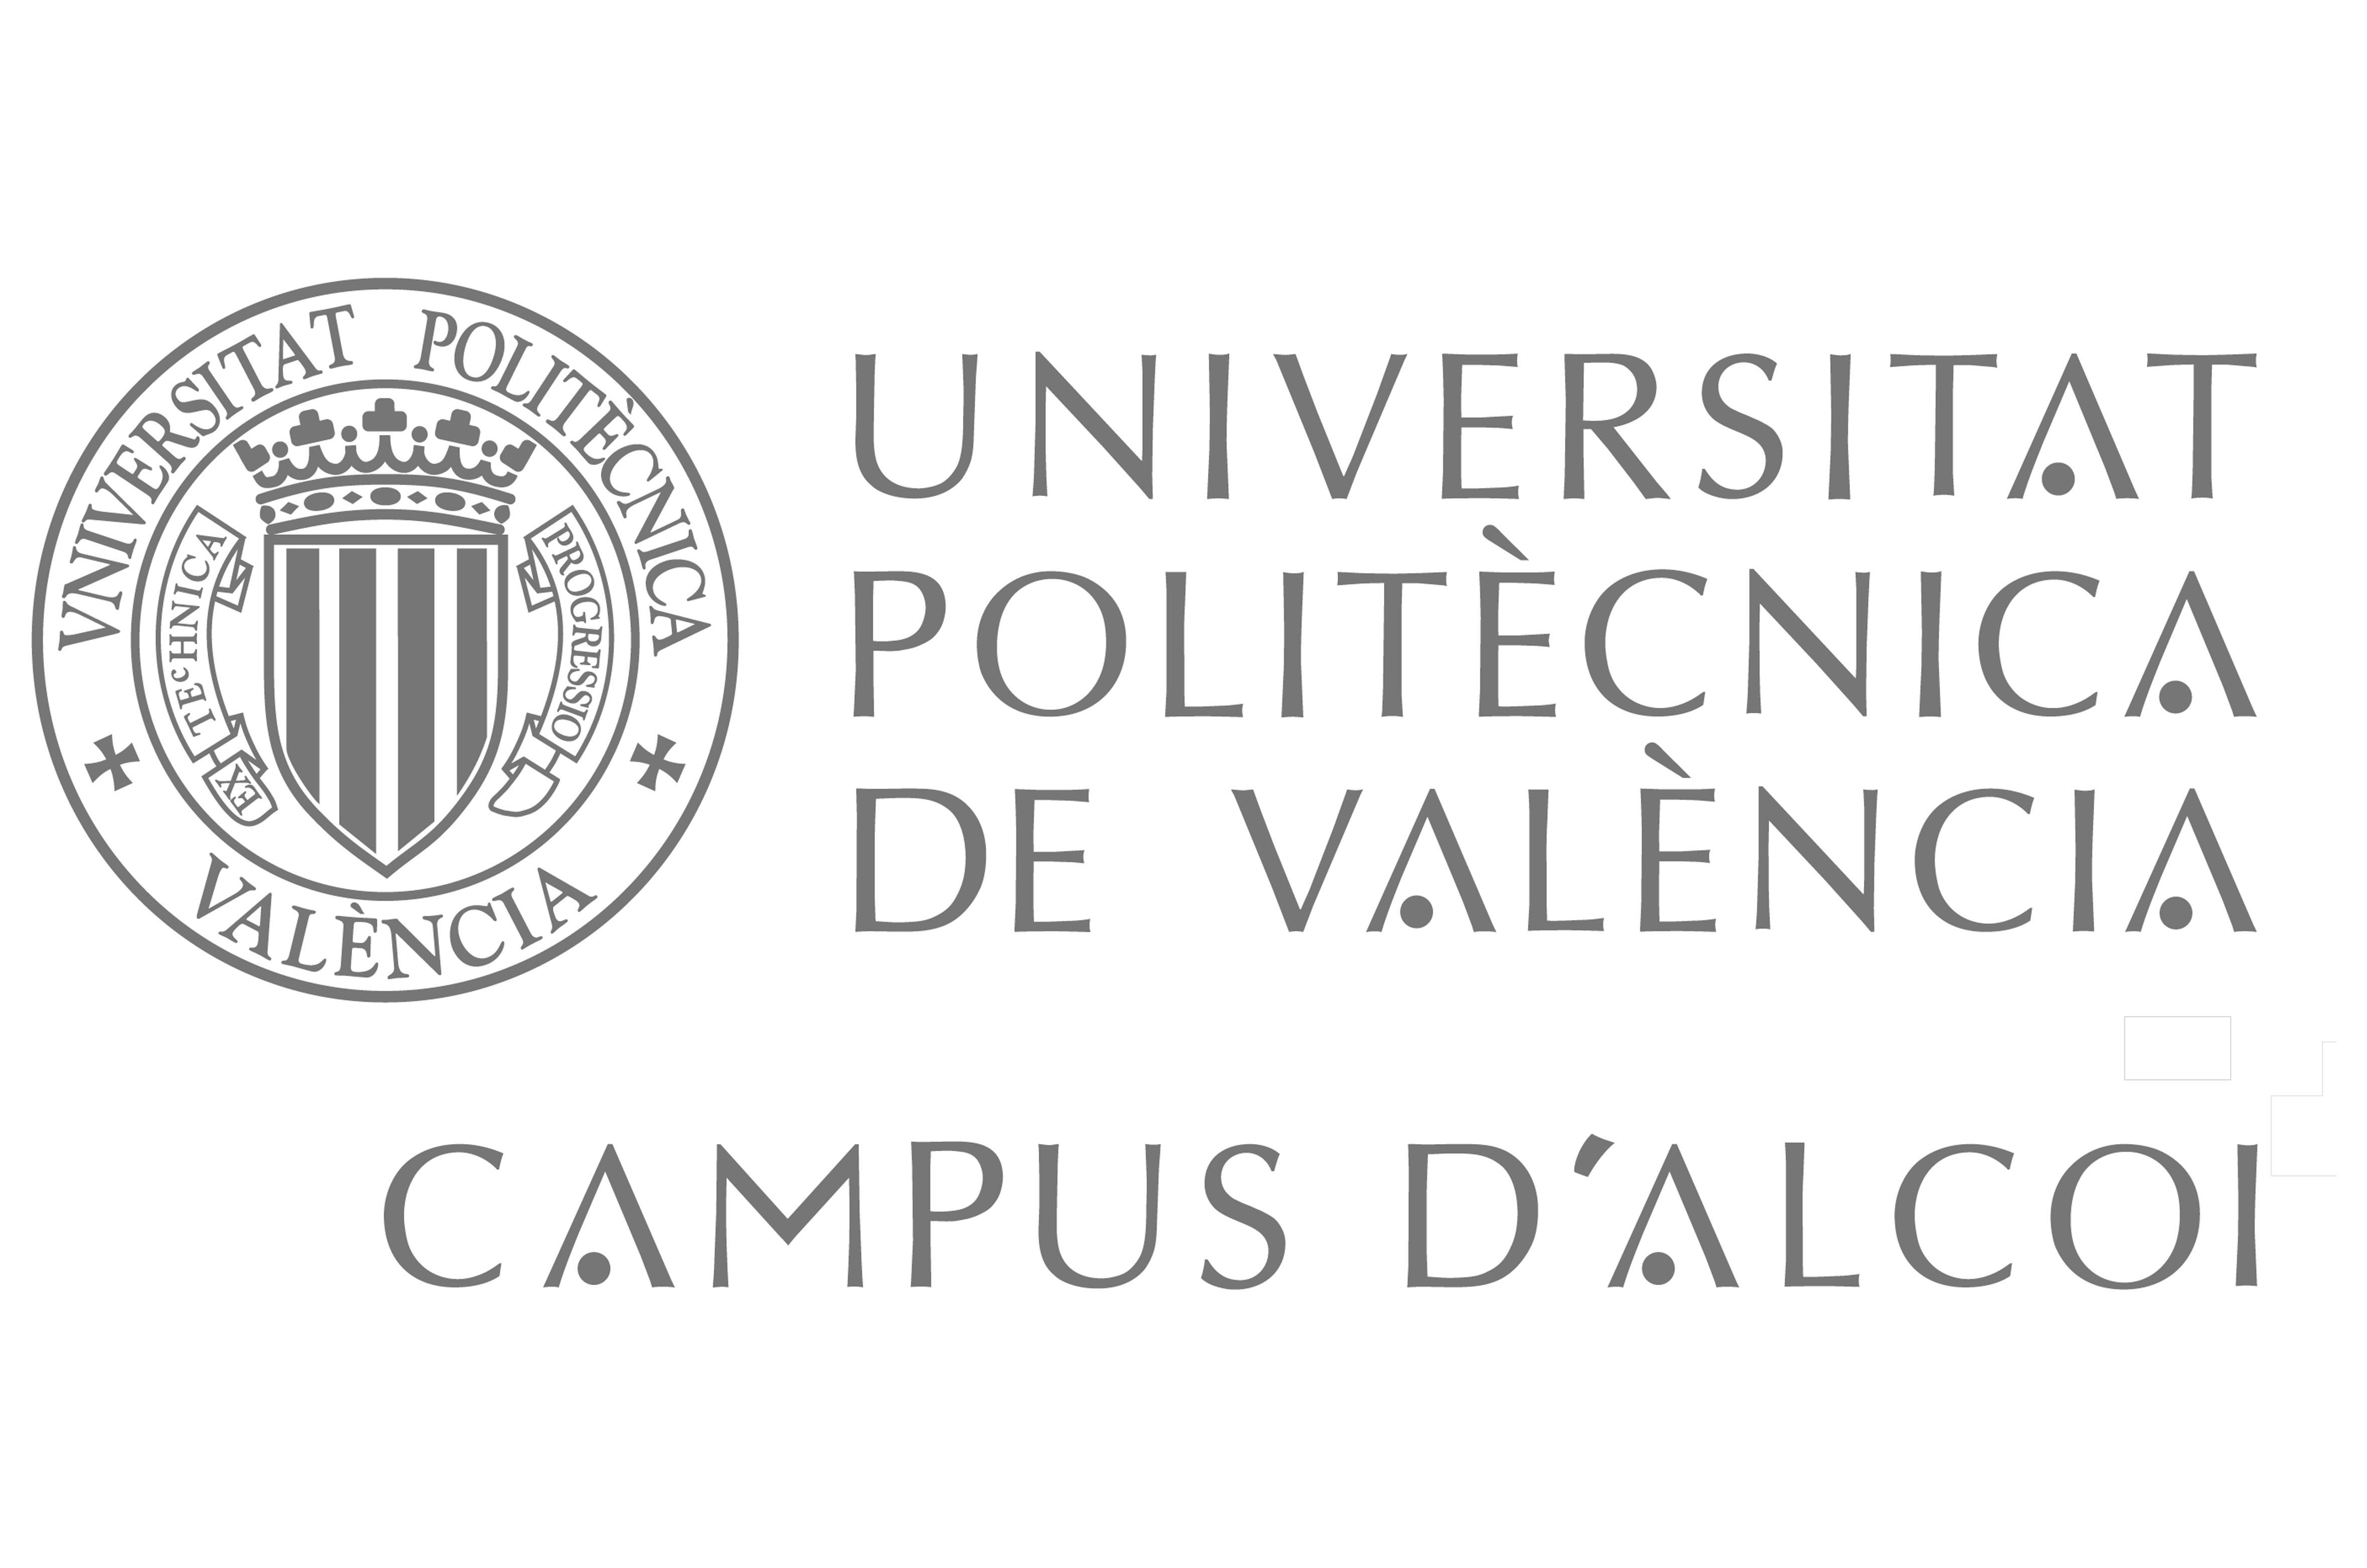 UPV Campus d'Alcoi